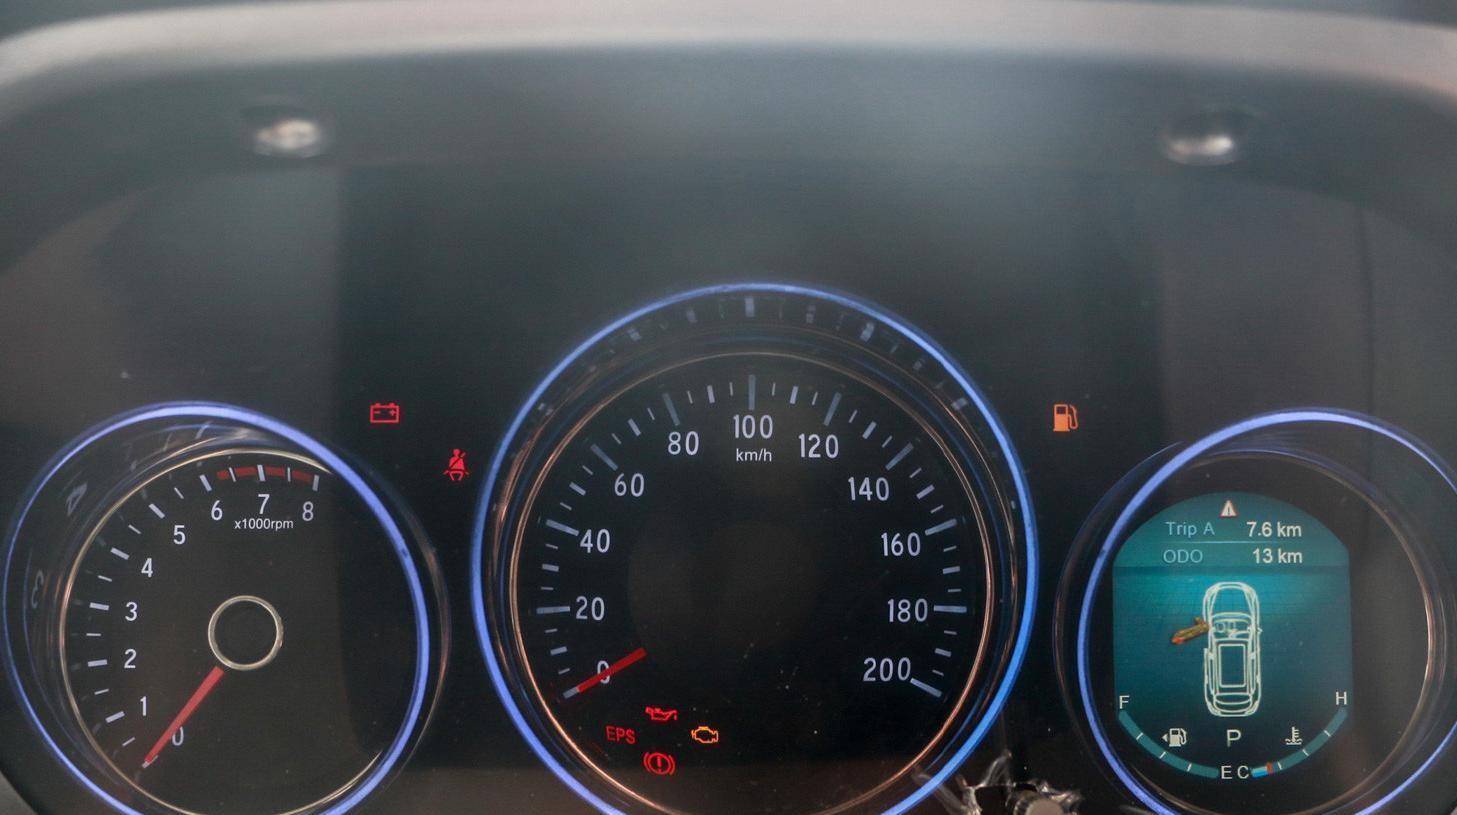 鉴赏下比速T3高清汽车图片,开出去非常霸气,口碑一直很好